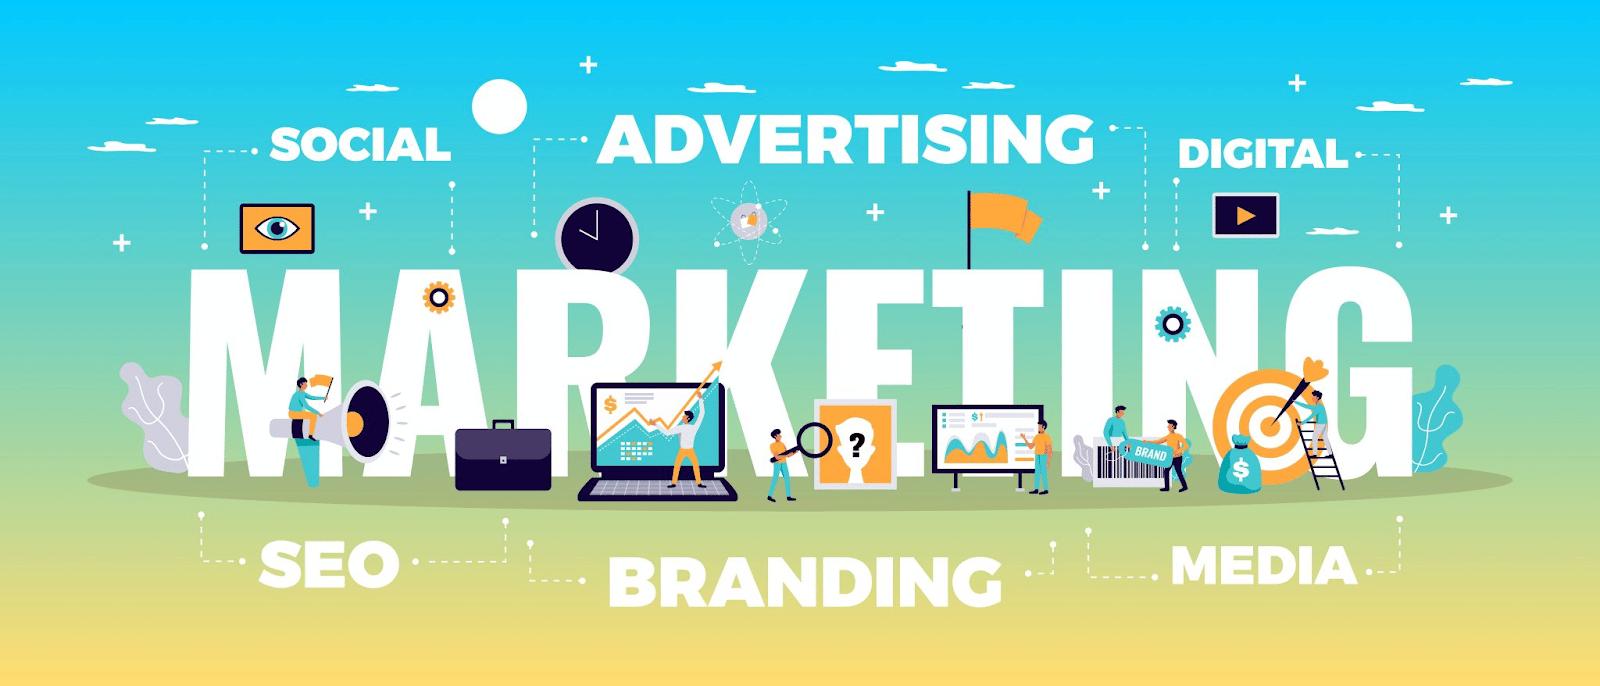 Đội ngũ nhân viên phòng marketing xác định được nhóm đối tượng, từ đó điều hướng theo thị hiếu và nhu cầu của thị trường khách hàng đấy.